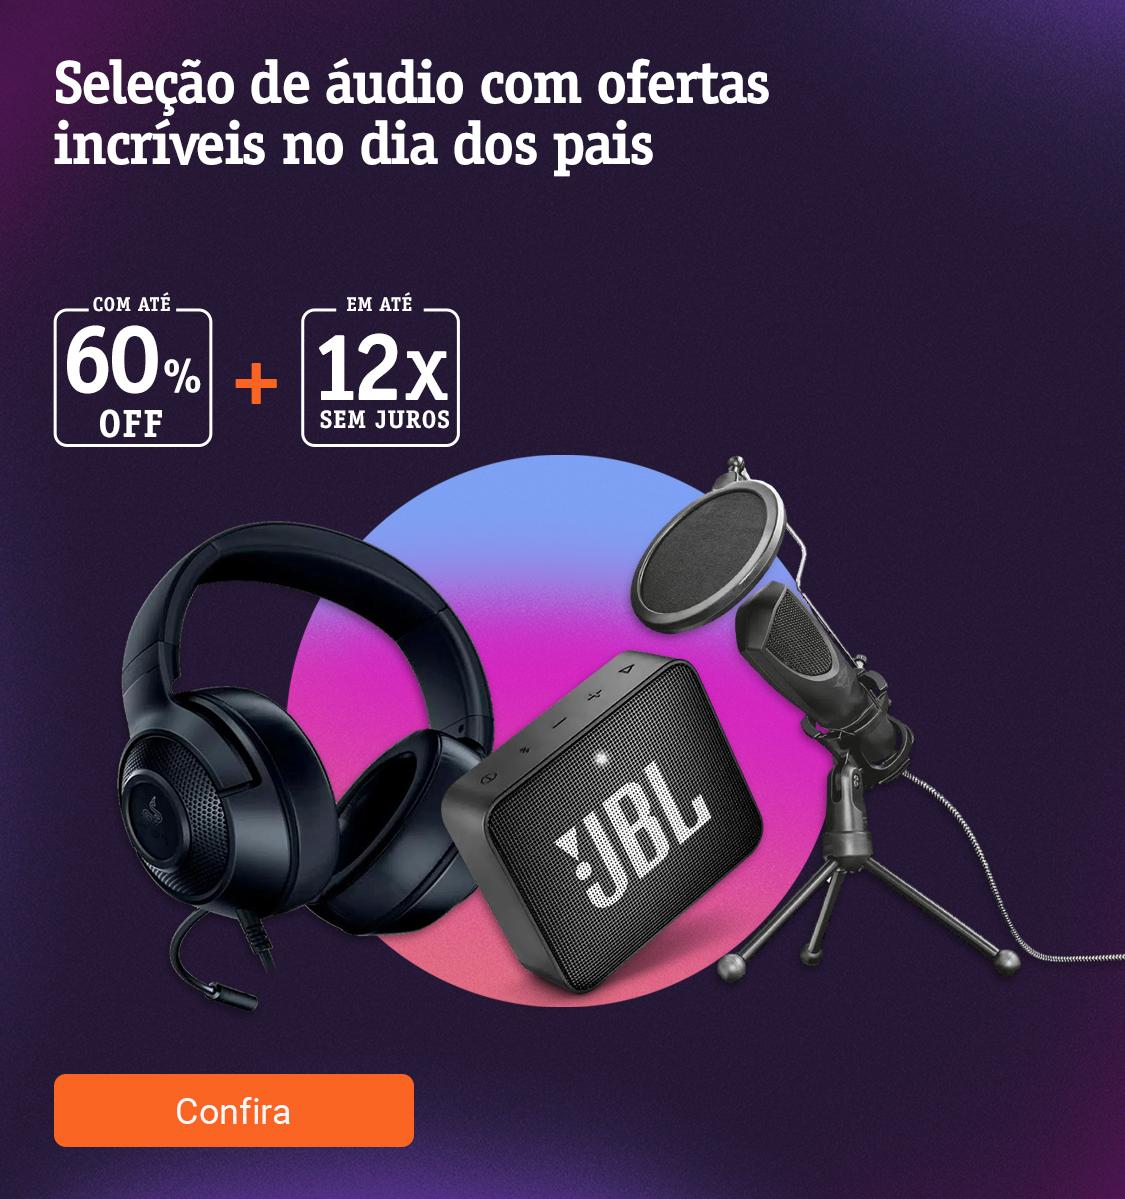 Seleção de áudios com ofertas incríveis com até 60off